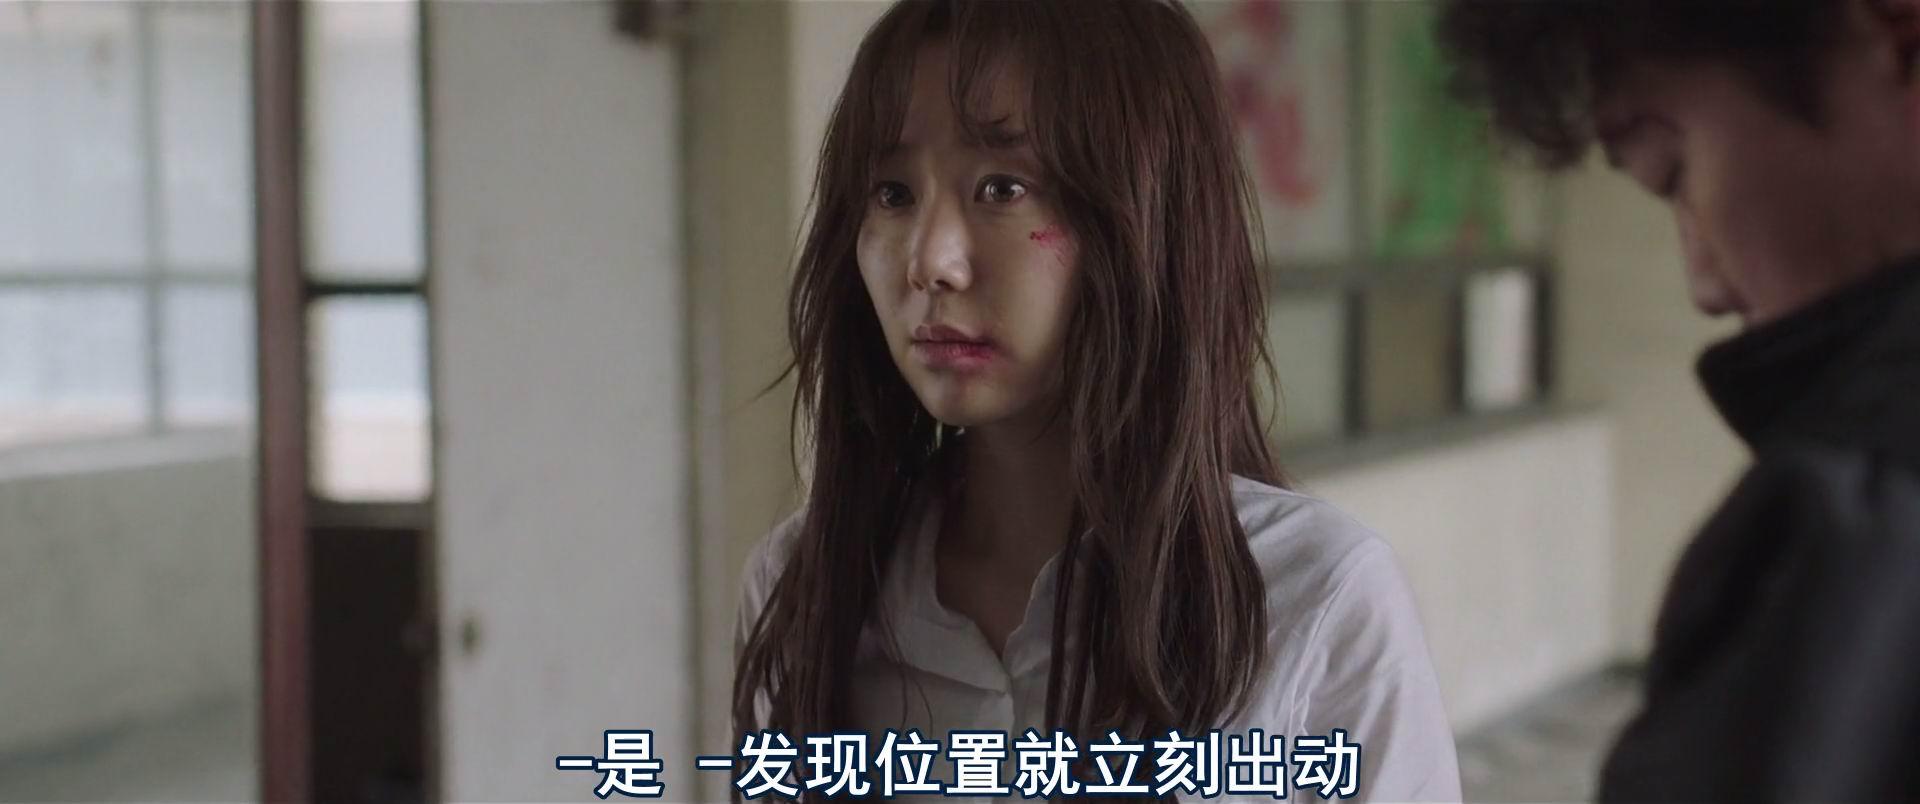 韩国剧情《操控游戏》[韩语中字][新片/1080p]